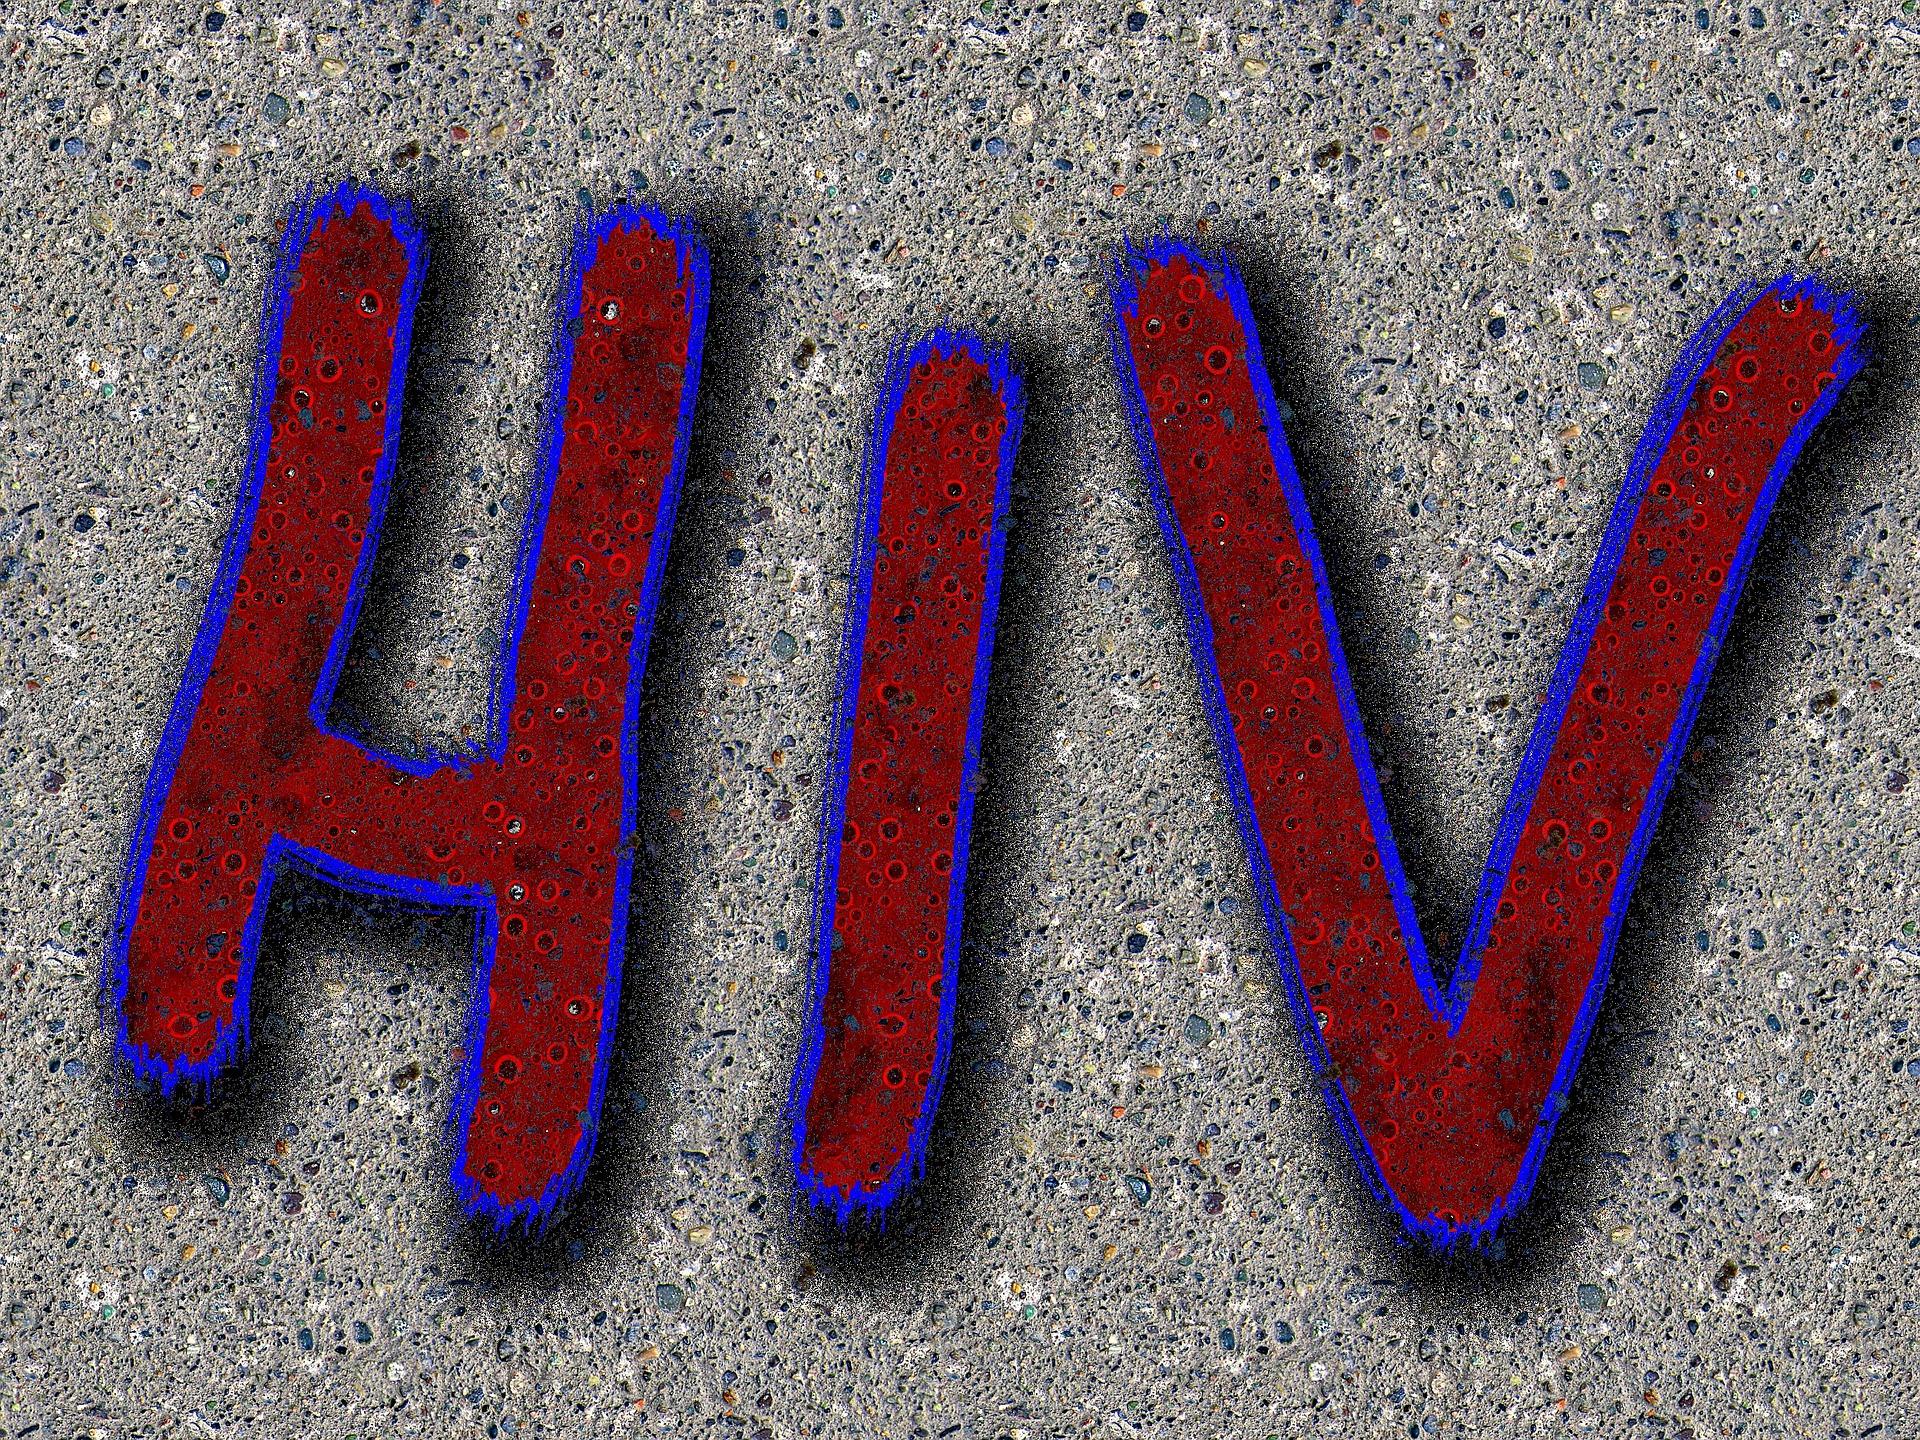 Heb ik hiv?